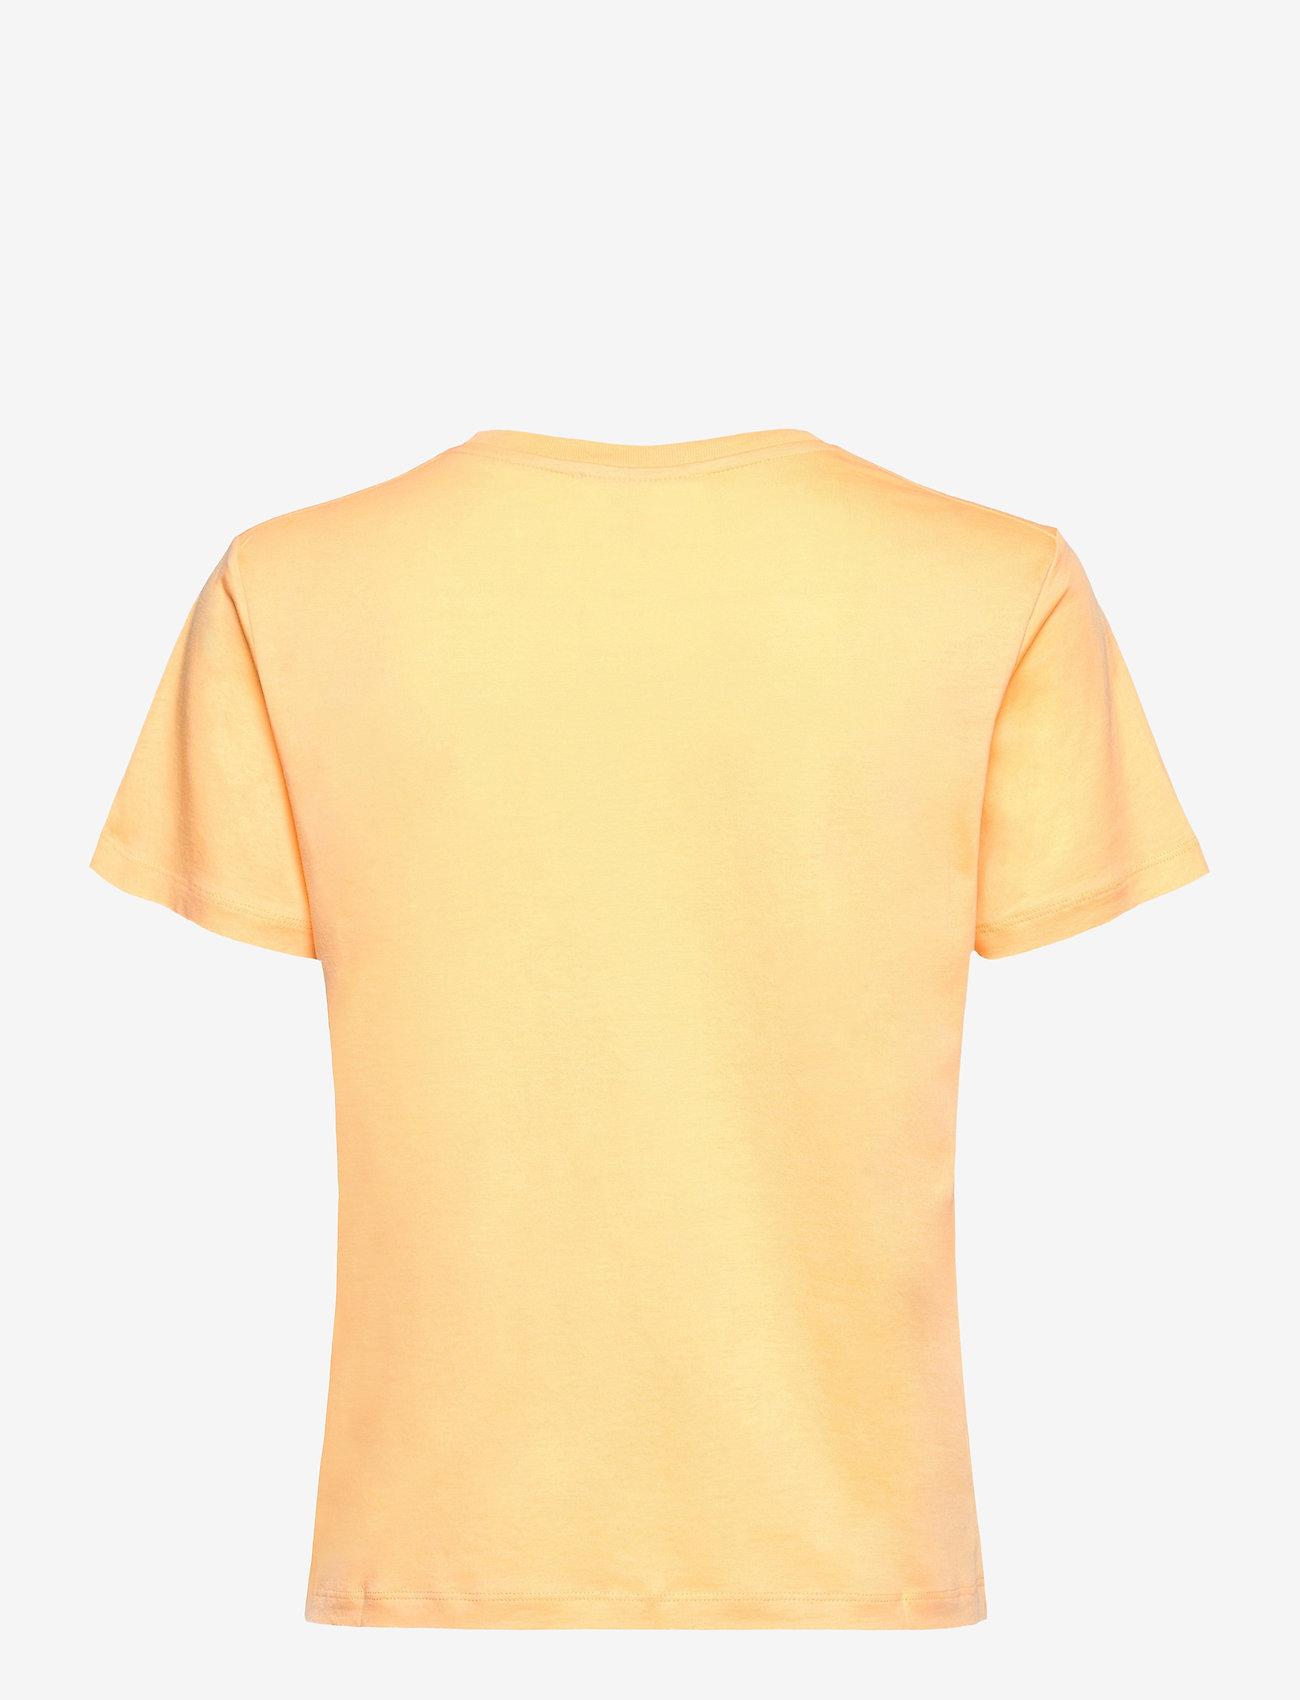 RODEBJER - RODEBJER NINJA LOGO - t-shirts - faded sun - 1